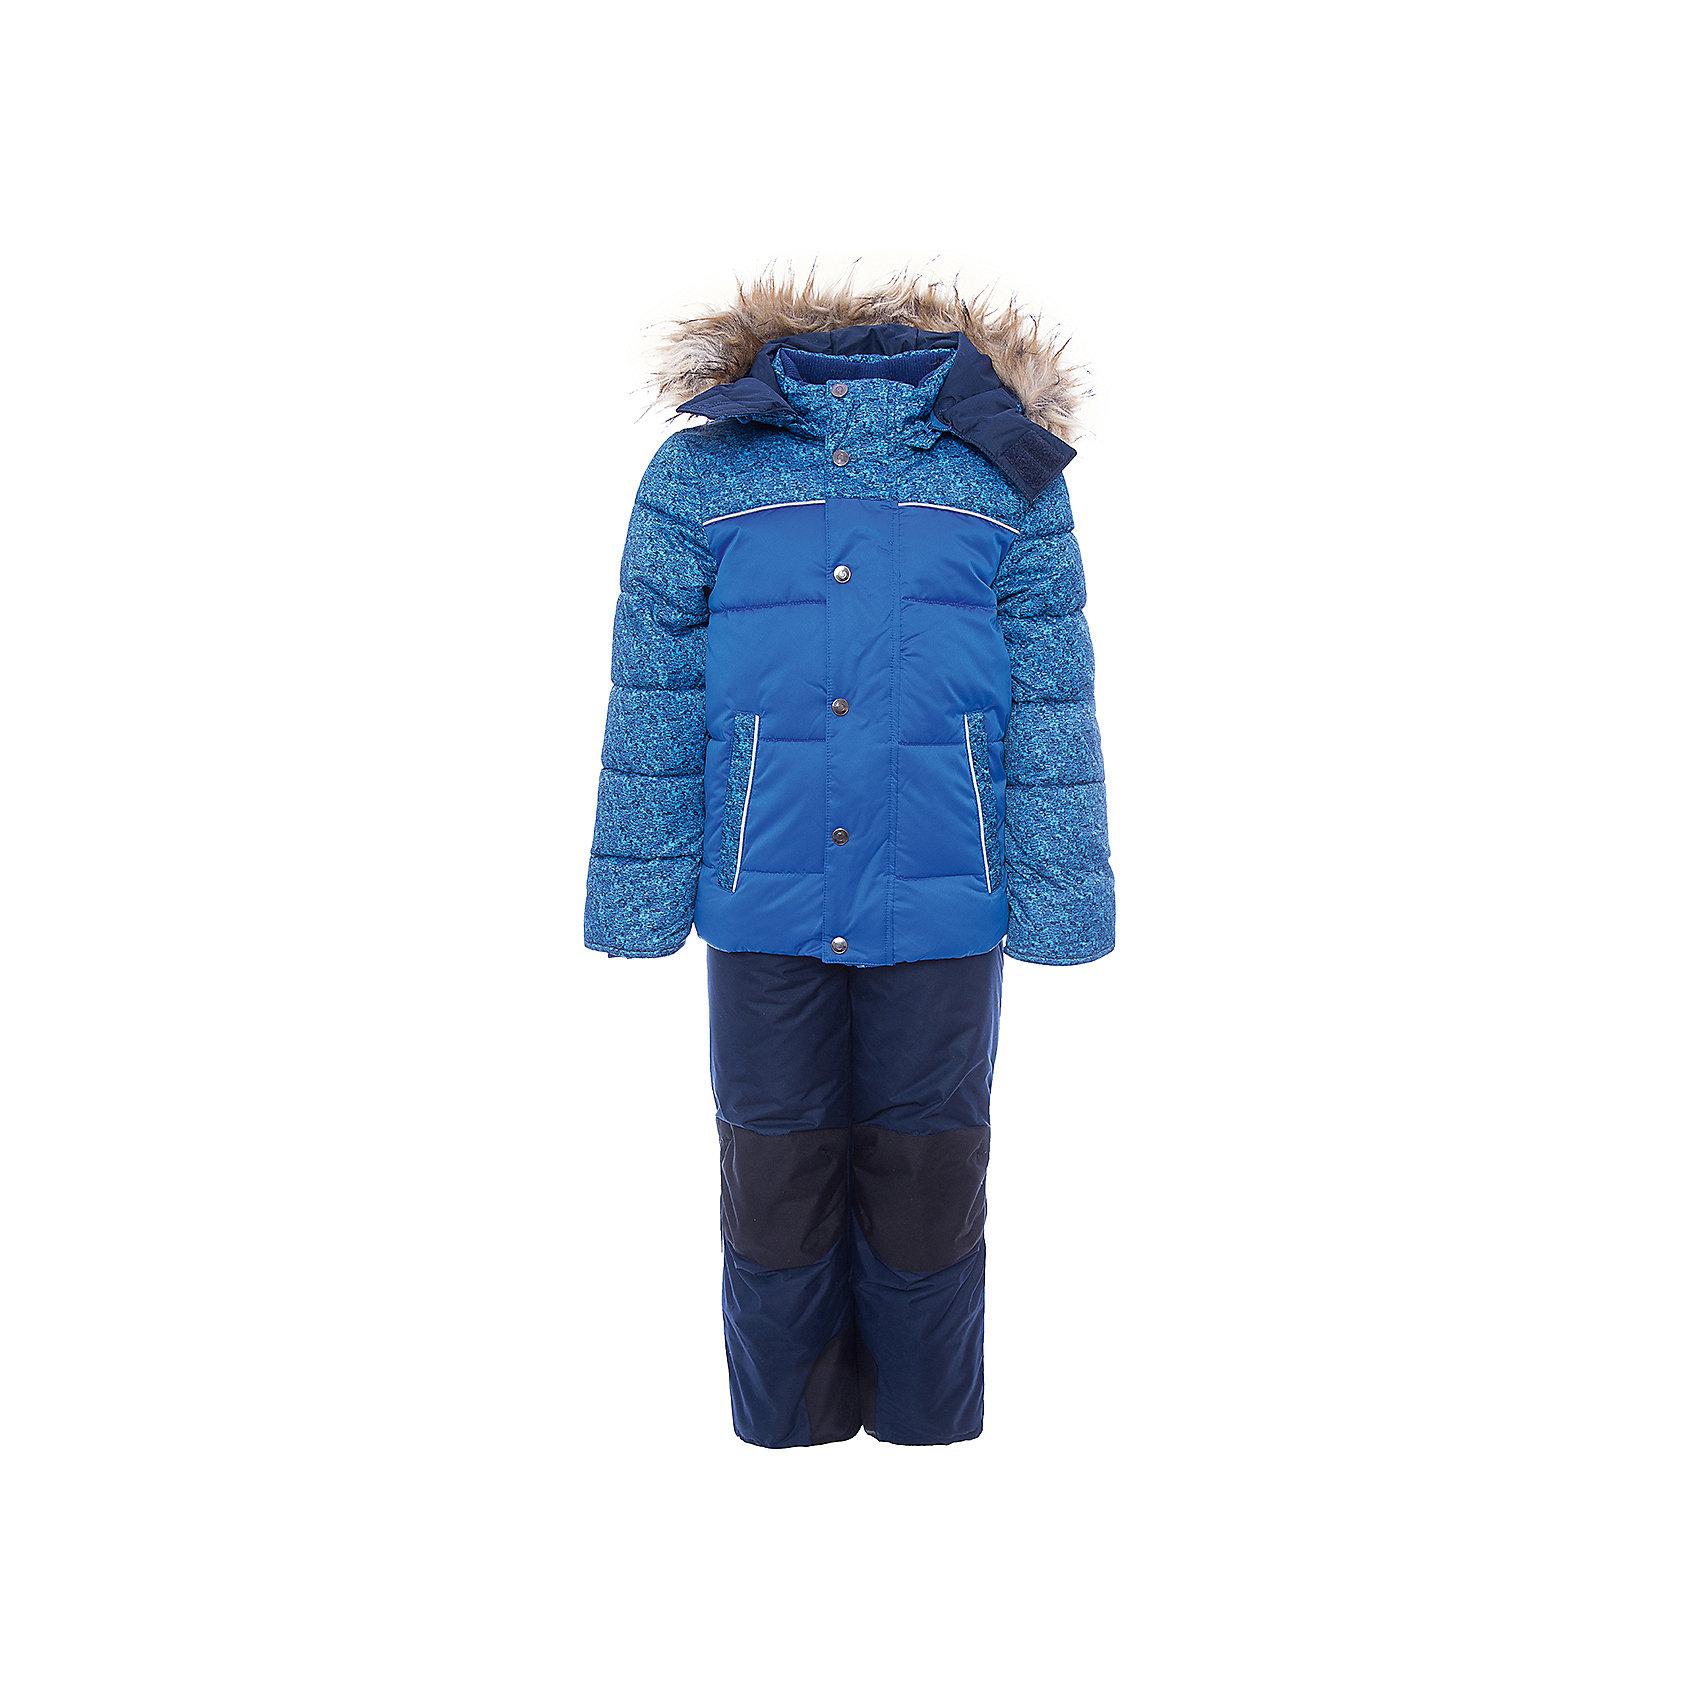 Комплект: куртка и полукомбинезон Савва OLDOS для мальчикаВерхняя одежда<br>Характеристики товара:<br><br>• цвет: синий<br>• комплектация: куртка и полукомбинезон<br>• состав ткани: 100% полиэстер, пропитка PU, Teflon<br>• подкладка: флис, полиэстер<br>• утеплитель: куртка - искусственный лебяжий пух, полукомбинезон - Hollofan 200 г/м2<br>• сезон: зима<br>• температурный режим: от -35 до 0<br>• застежка: молния<br>• капюшон: с мехом, съемный<br>• страна бренда: Россия<br>• страна изготовитель: Россия<br><br>Теплый комплект для мальчика отлично подходит для сильных морозов. Подкладка зимнего комплекта комбинированная: флис и гладкий полиэстер. Так комплект для ребенка легче надевать. Зимний костюм дополнен элементами, помогающими скорректировать размер точно под ребенка. <br><br>Комплект: куртка и полукомбинезон Савва Oldos (Олдос) для мальчика можно купить в нашем интернет-магазине.<br><br>Ширина мм: 356<br>Глубина мм: 10<br>Высота мм: 245<br>Вес г: 519<br>Цвет: синий<br>Возраст от месяцев: 108<br>Возраст до месяцев: 120<br>Пол: Мужской<br>Возраст: Детский<br>Размер: 140,86,92,98,104,110,116,122,128,134<br>SKU: 7016758